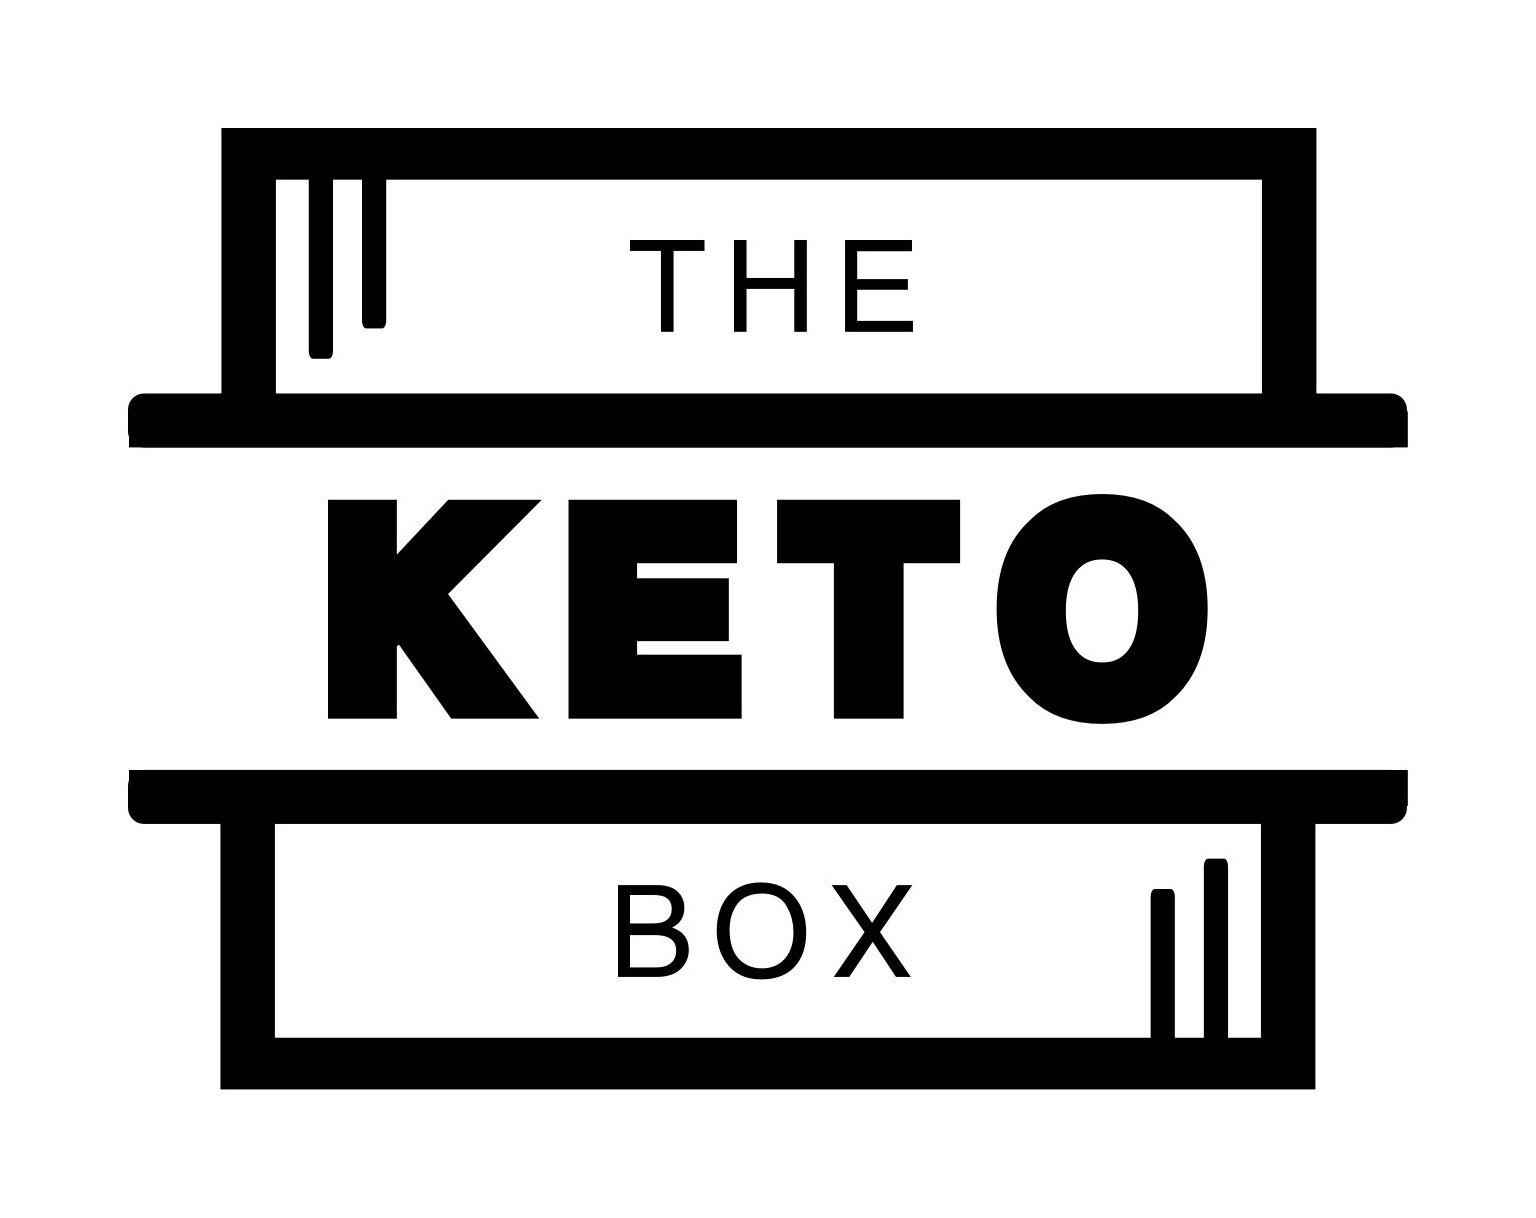 The Keto Box Vouchers